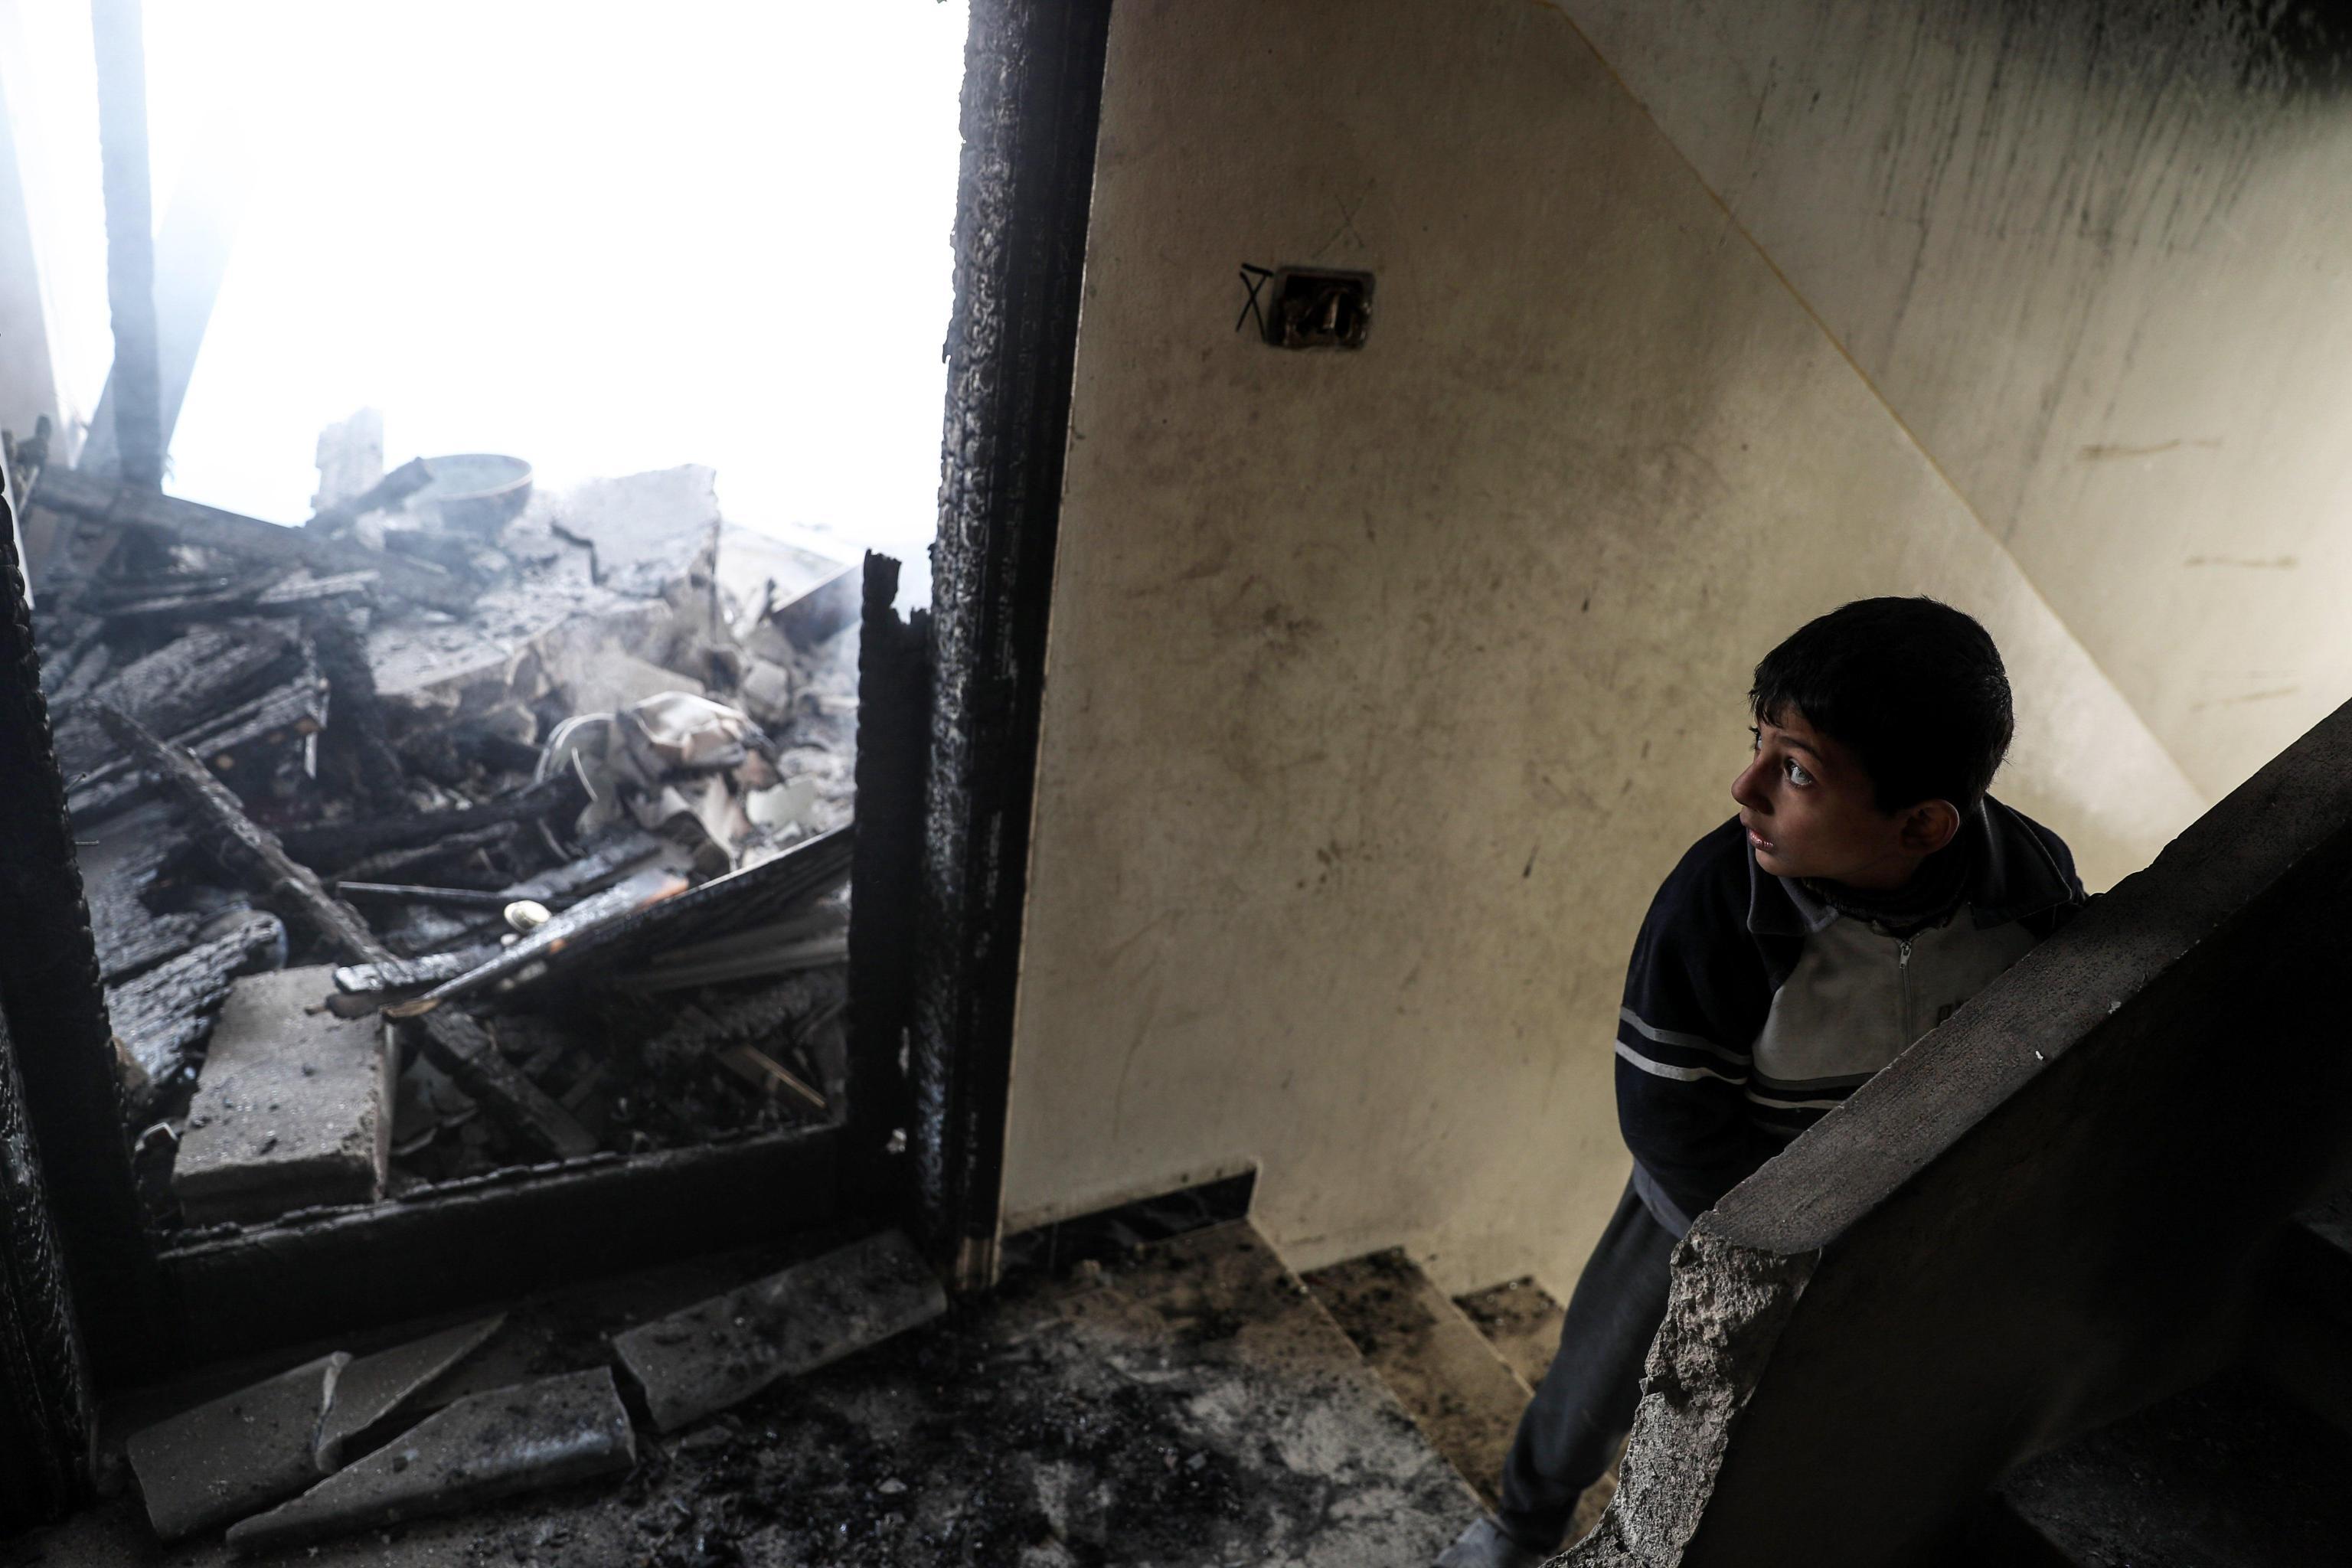 Siria, strage di bambini nella Ghouta orientale dopo raid aereo: morti 15 bimbi e 2 donne